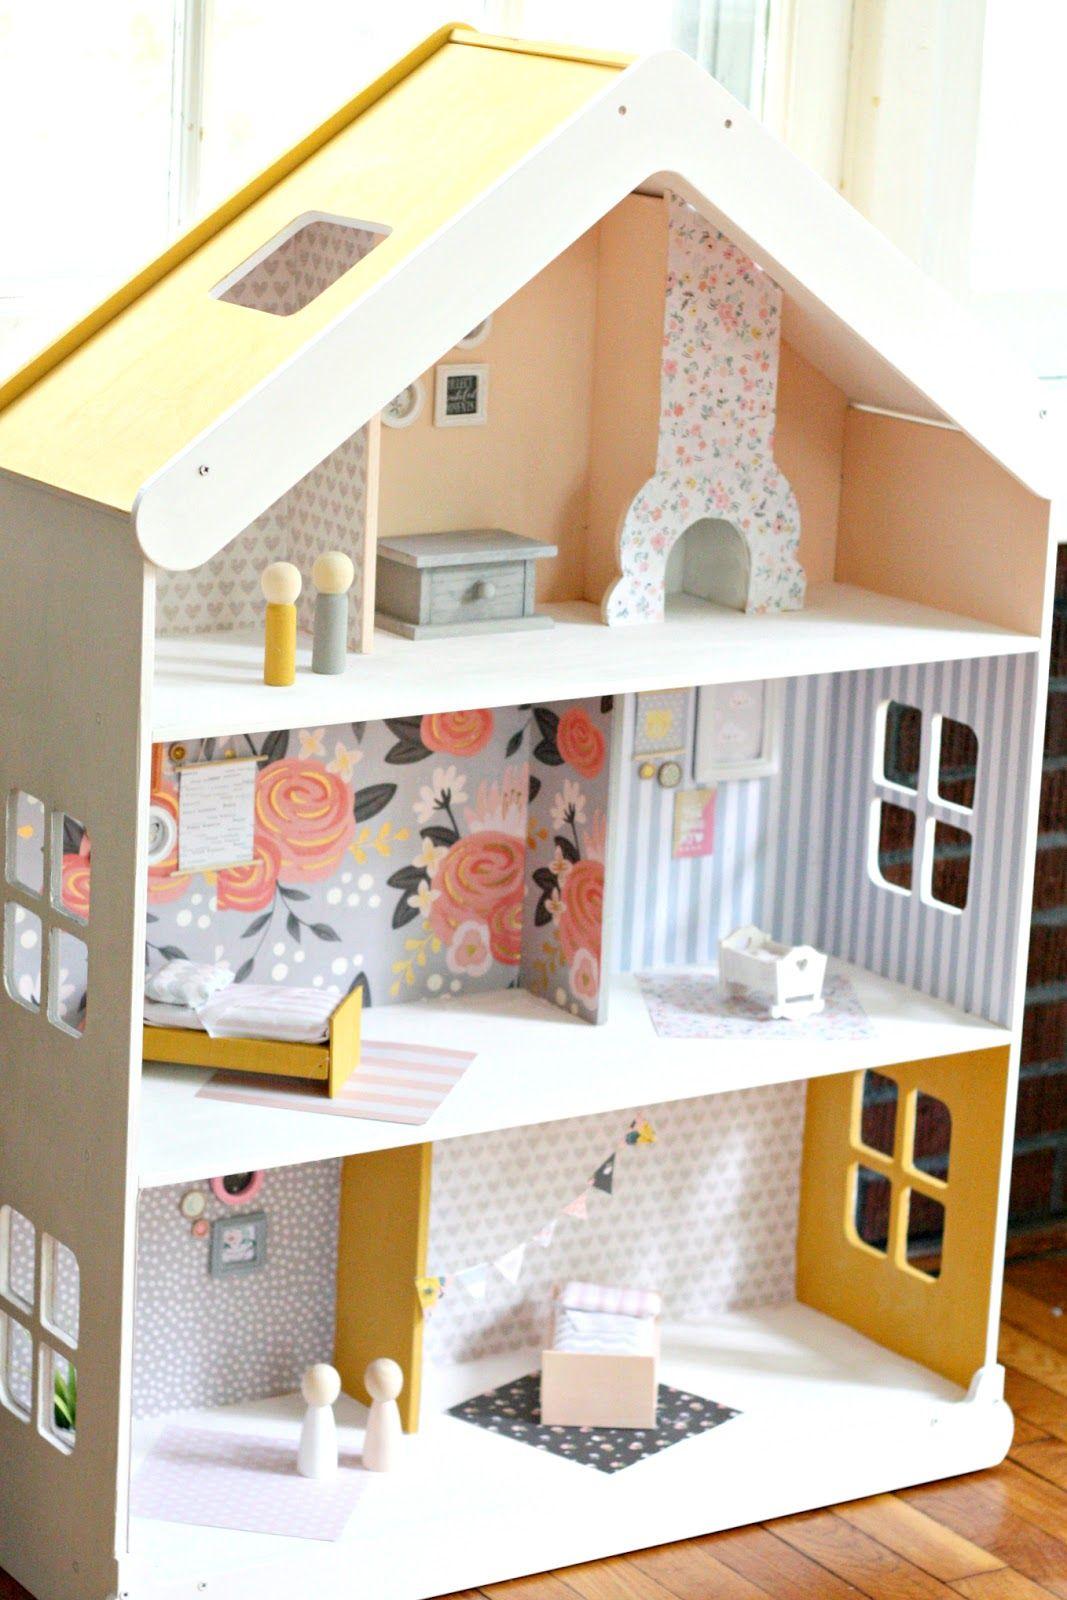 Diy Modern Dollhouse Tutorial The Pretty Life Girls Doll House Plans Modern Dollhouse Diy Dollhouse